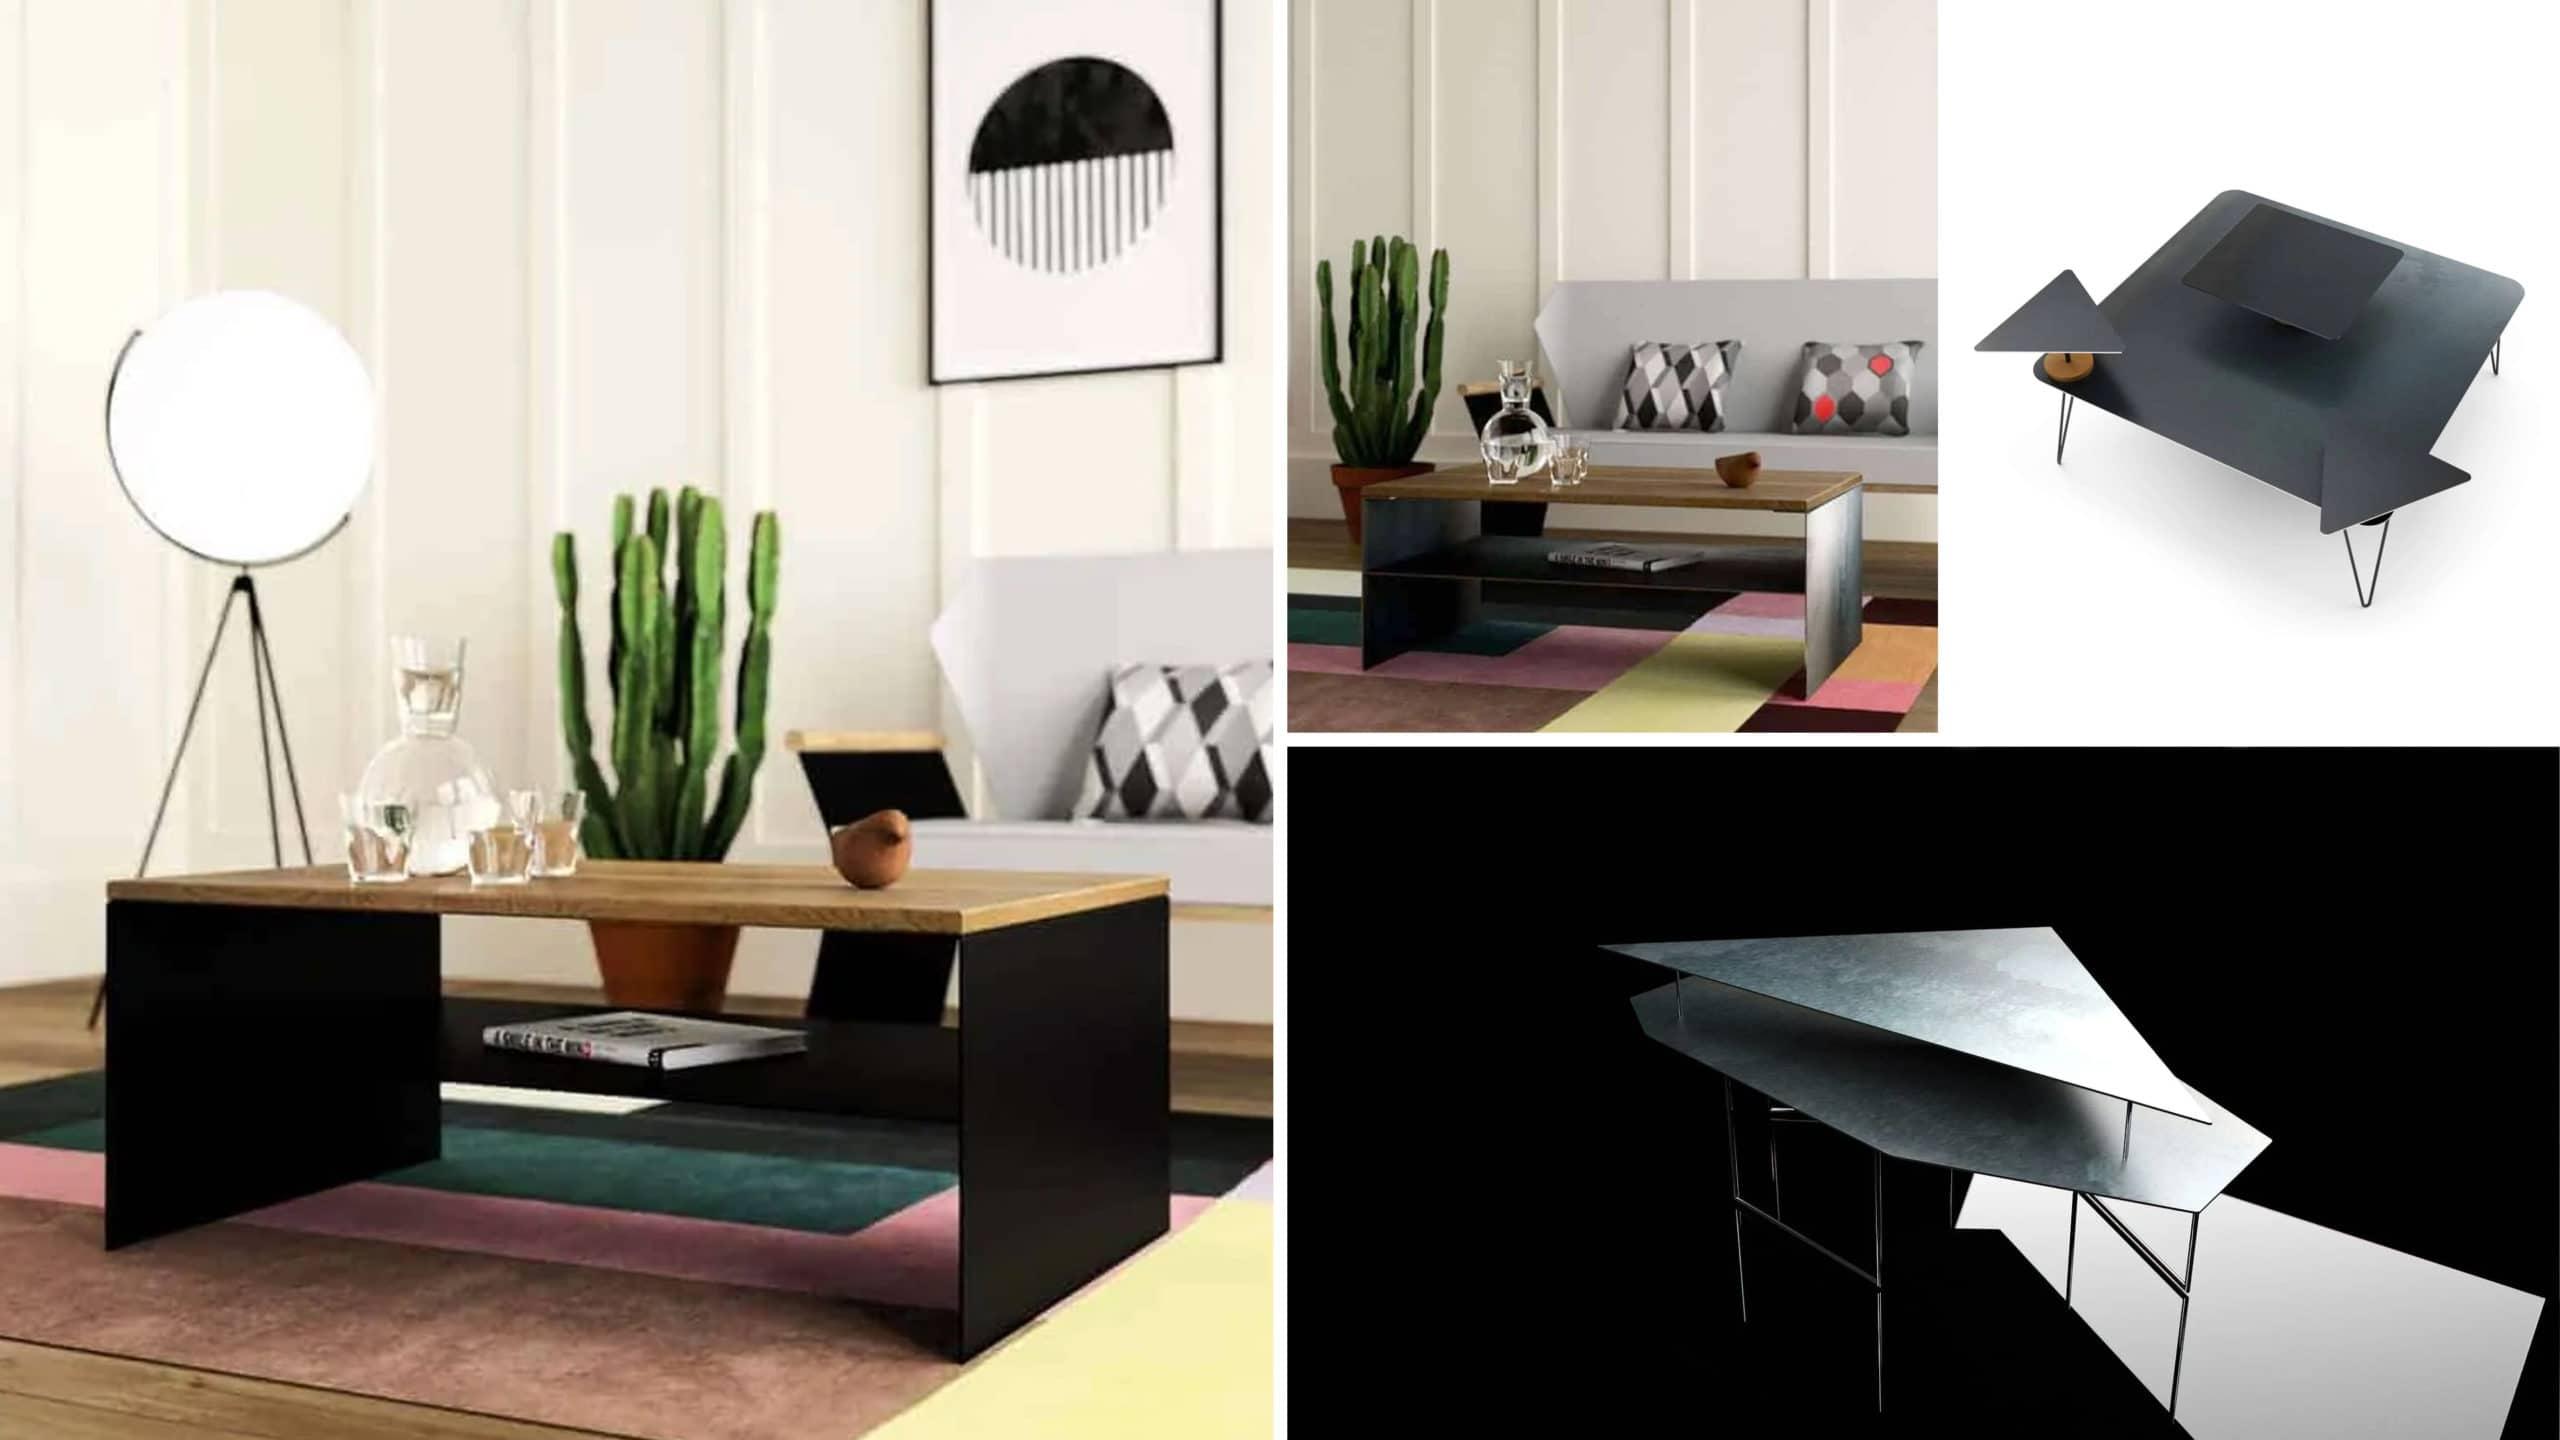 stahlzart-couchtisch-wohnzimmertisch-holz-eiche-massivholz-designer-modern-metall-schwarz-grau-klein-design-wohnzimmer